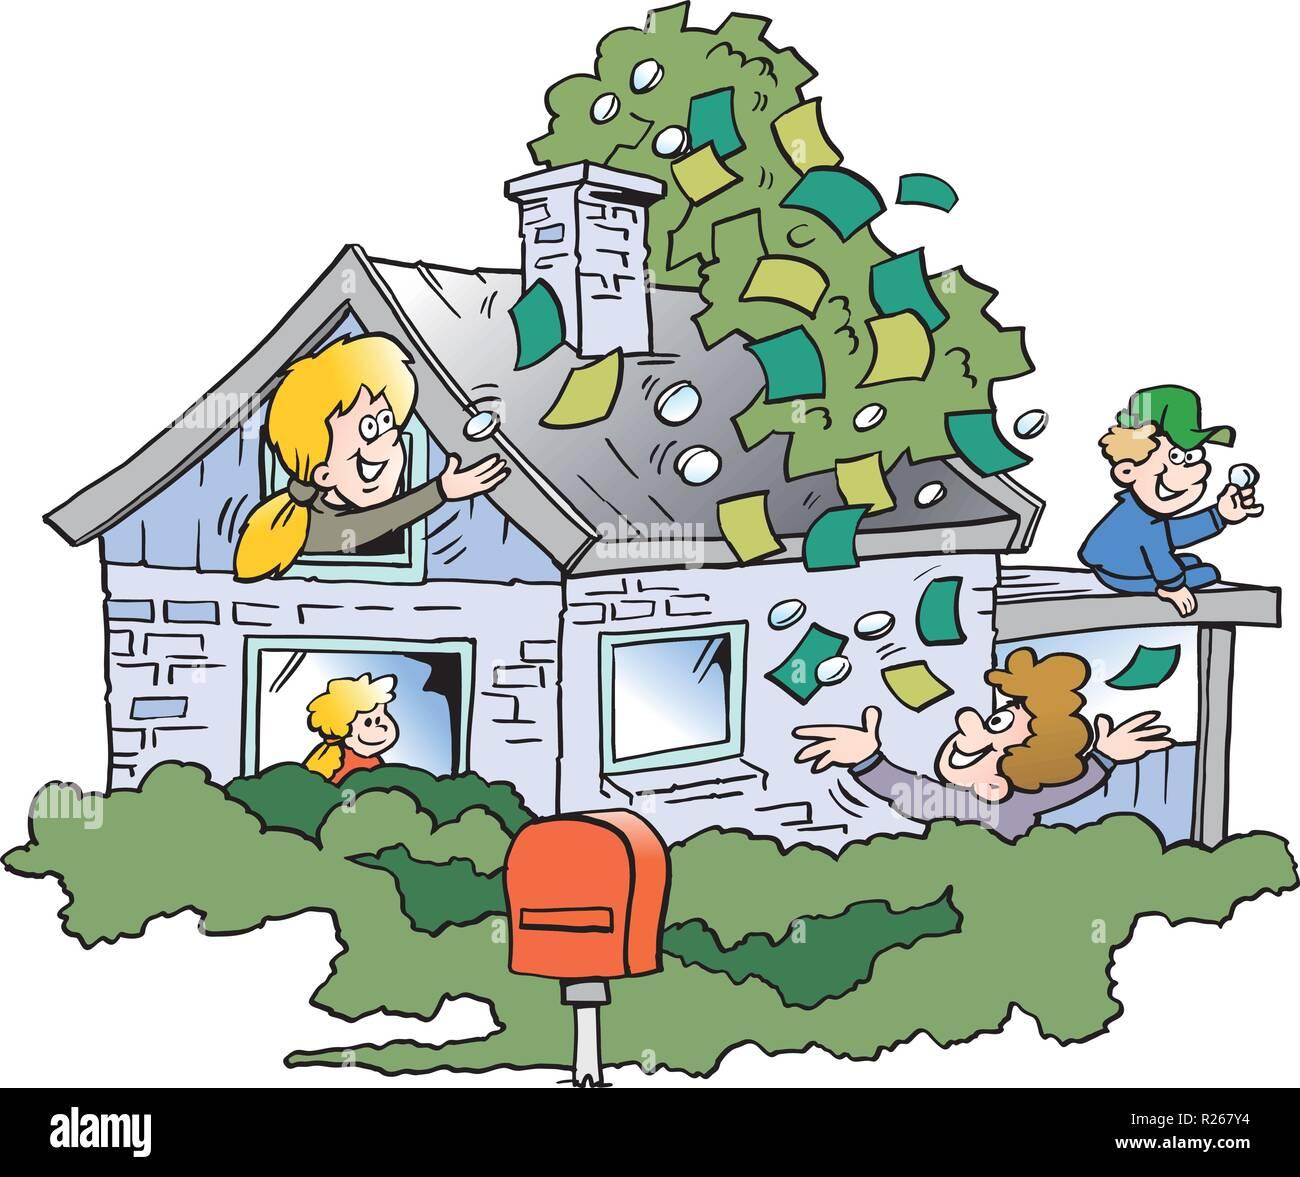 Ilustración Vectorial De Dibujos Animados De Una Familia Feliz Se Ha